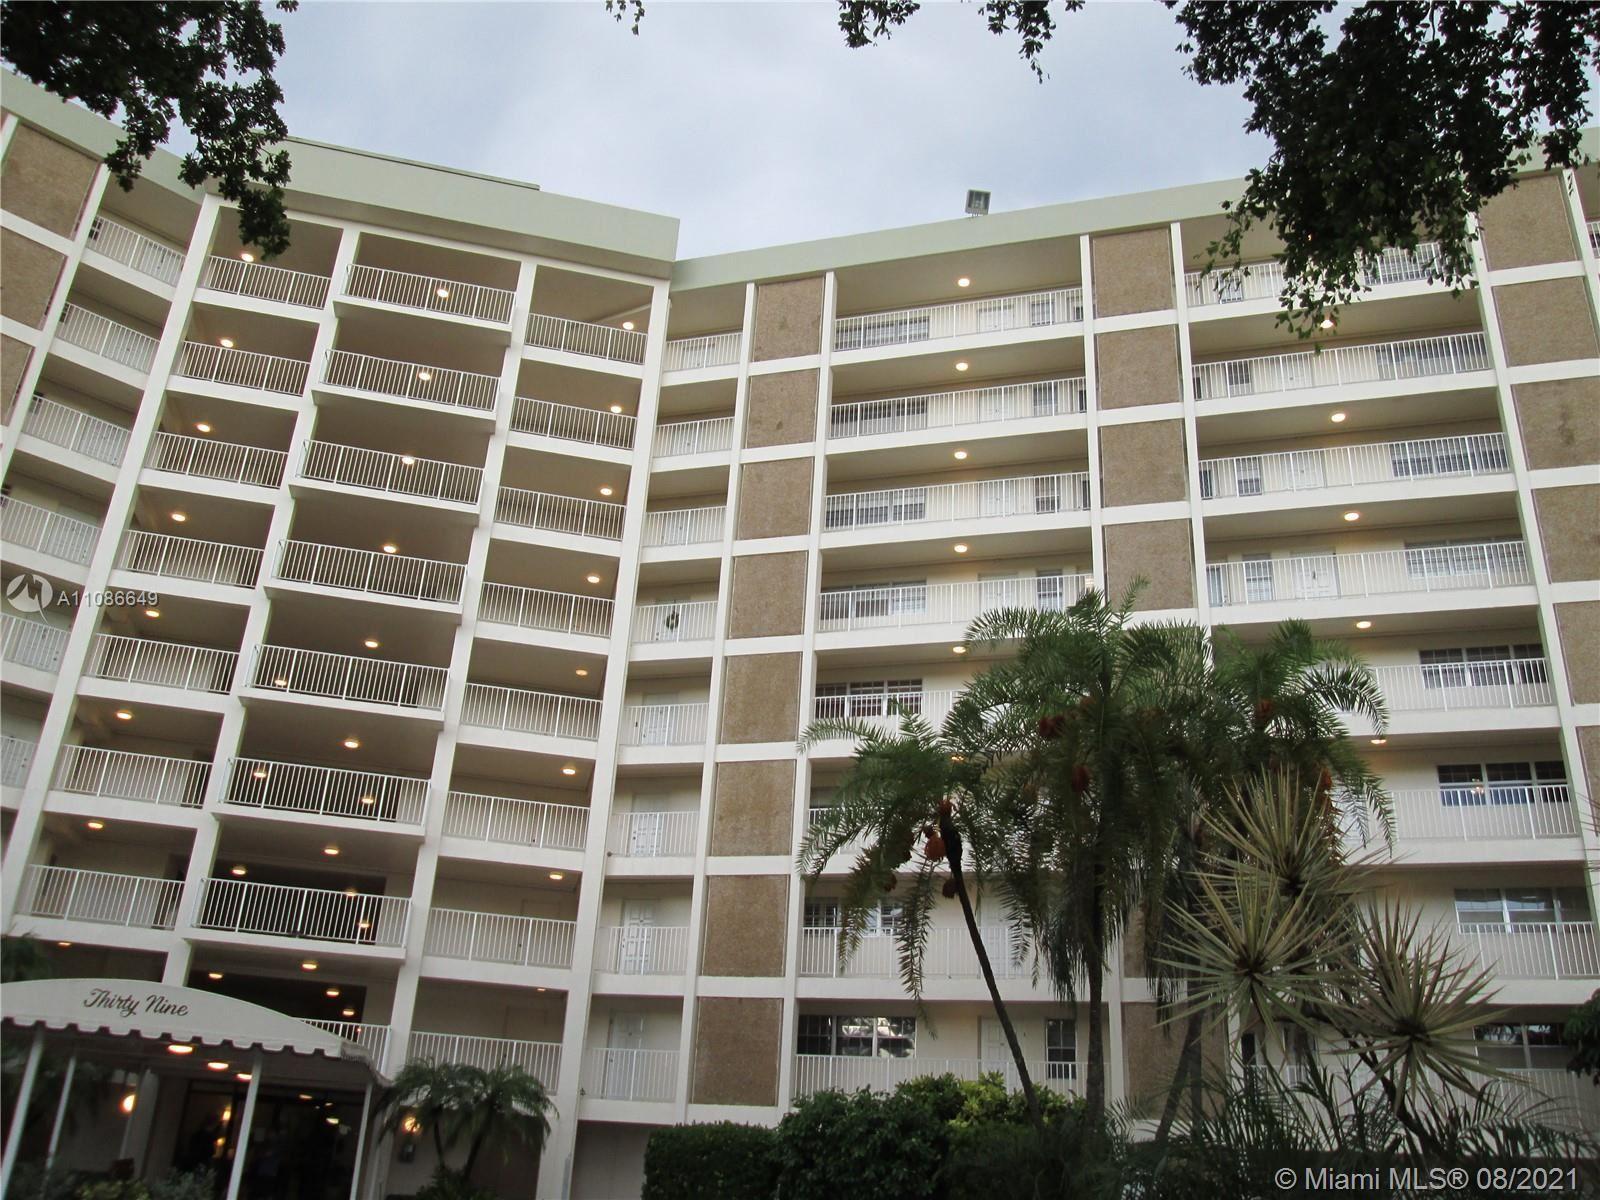 2940 N Course Dr #802, Pompano Beach, FL 33069 - #: A11086649